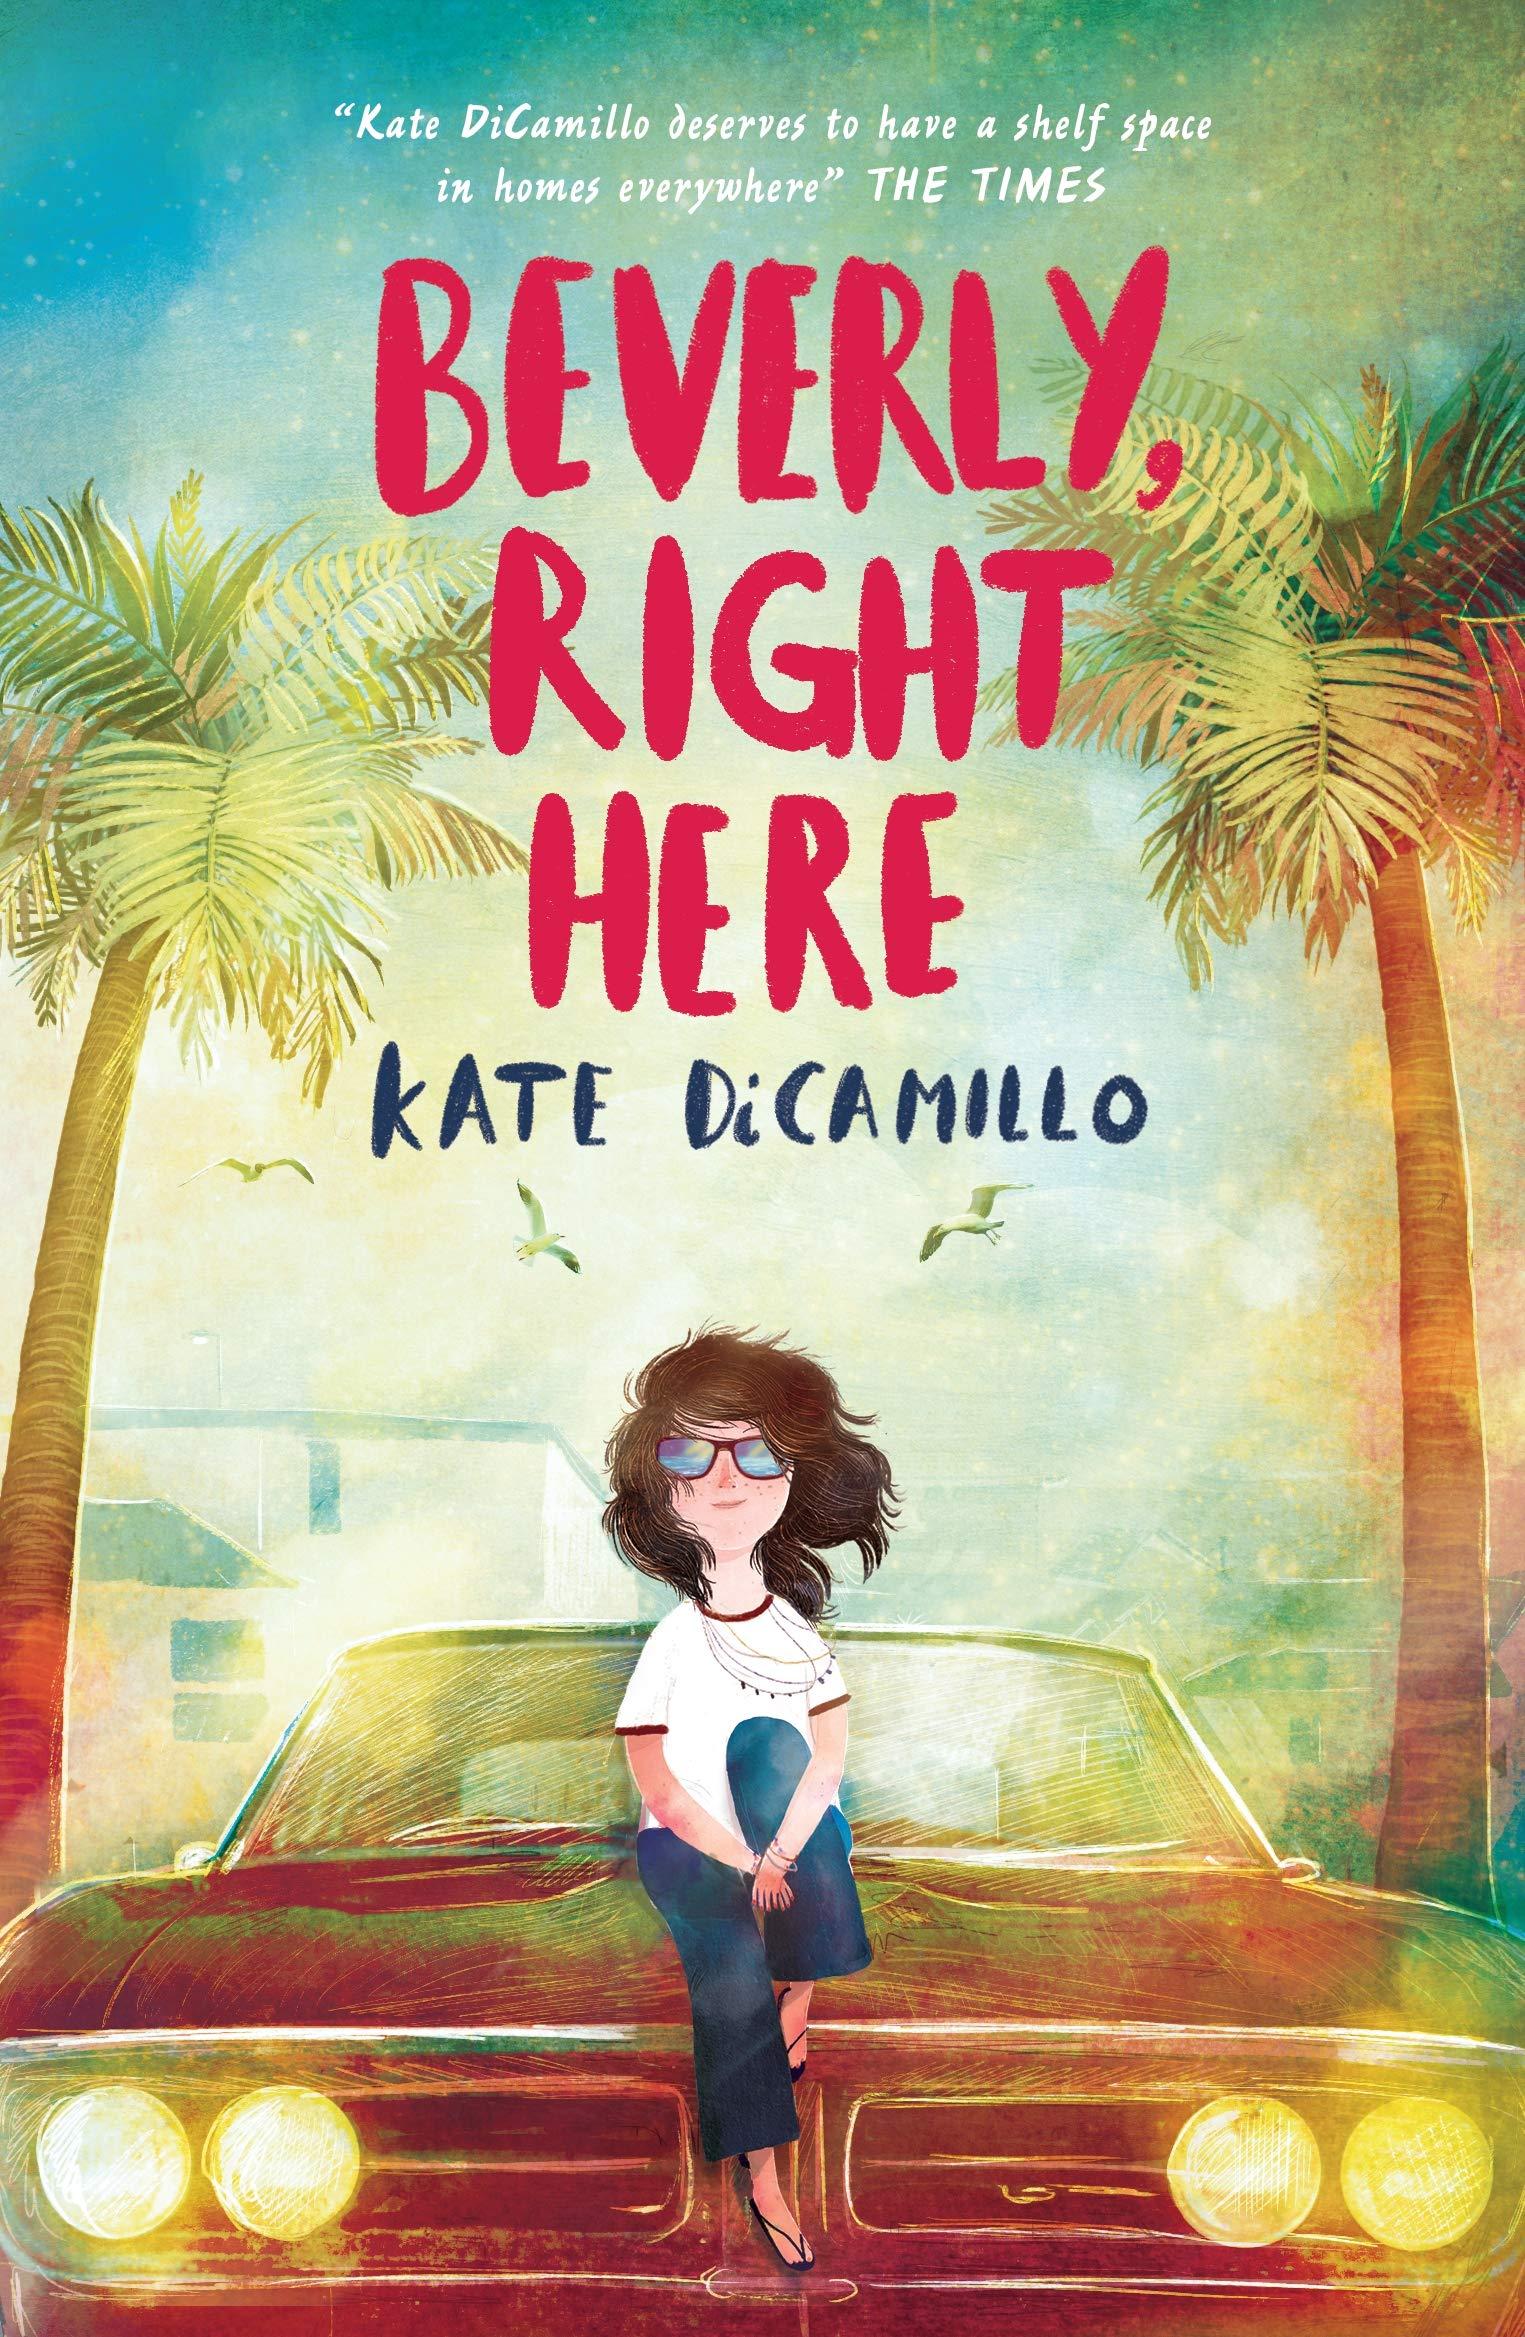 Beverly, Right Here: Amazon.it: Kate DiCamillo: Libri in altre lingue